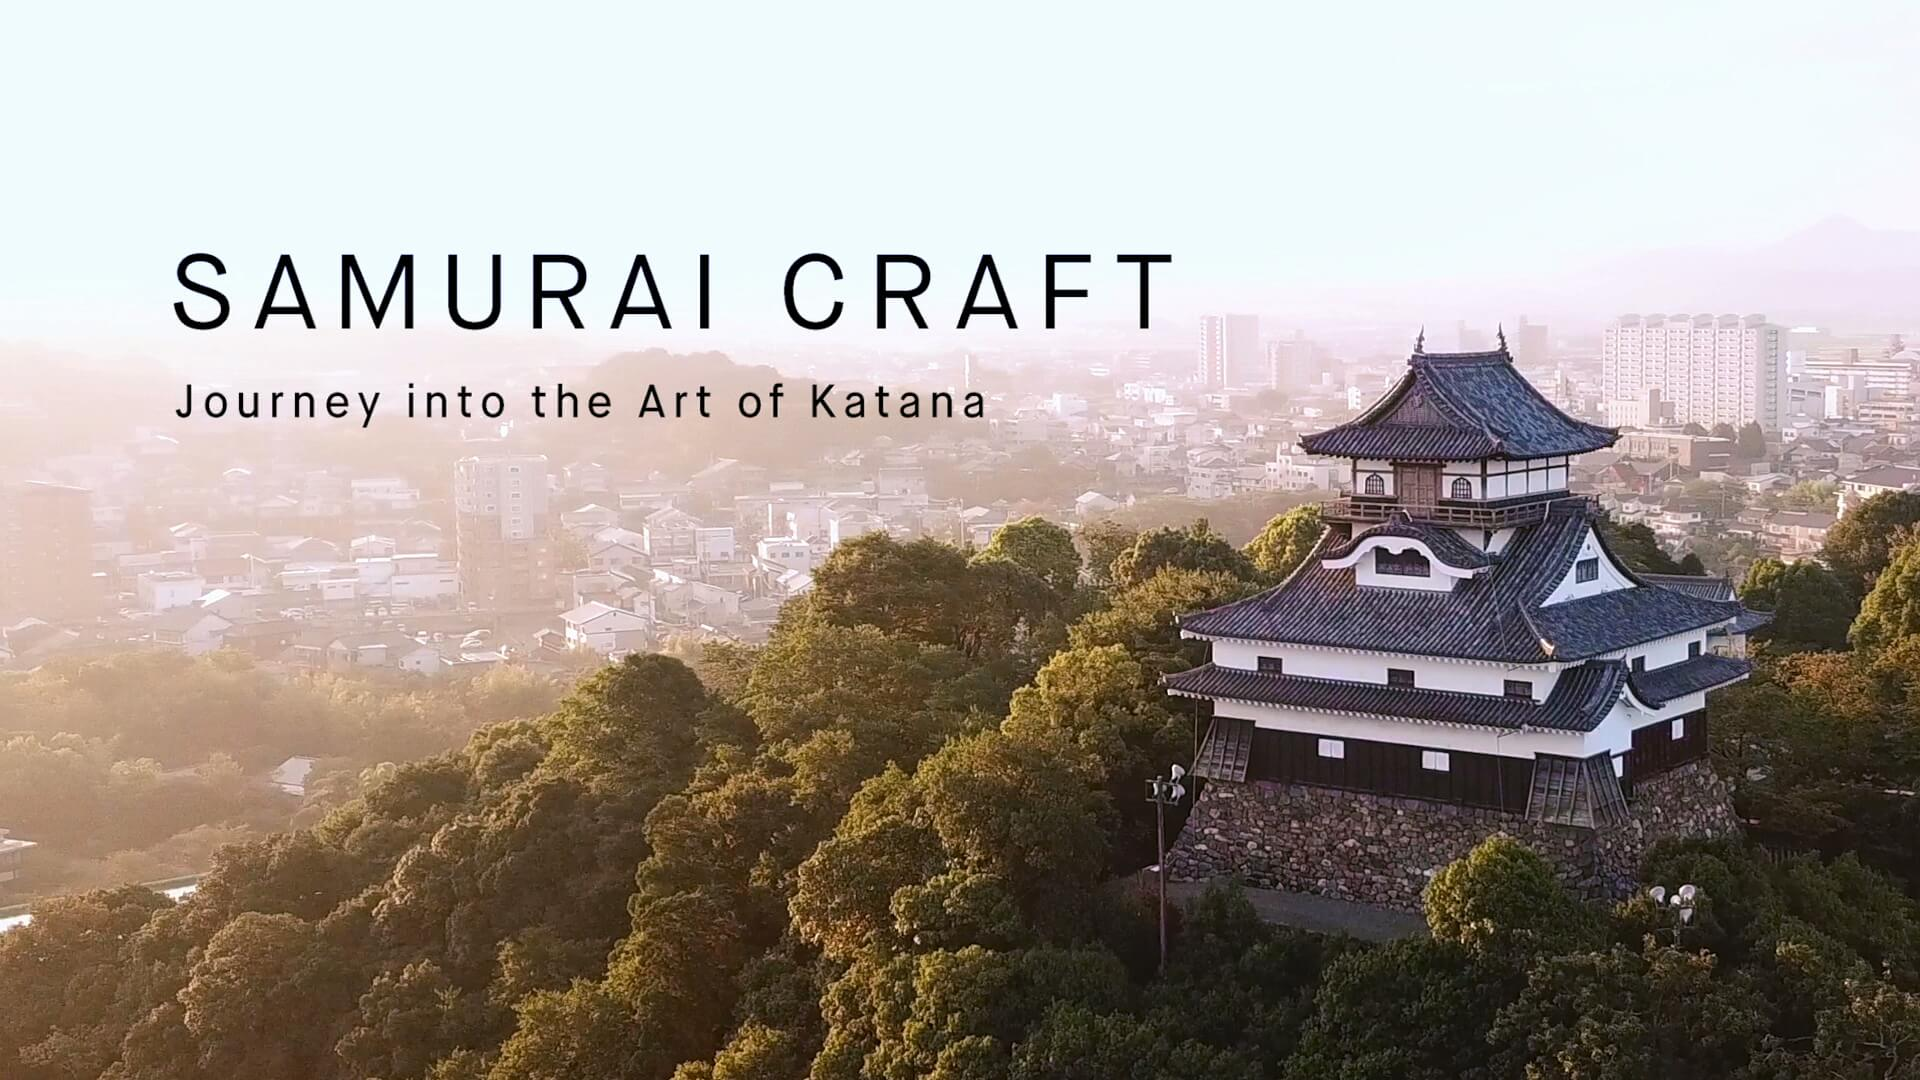 samurai_craft_movie